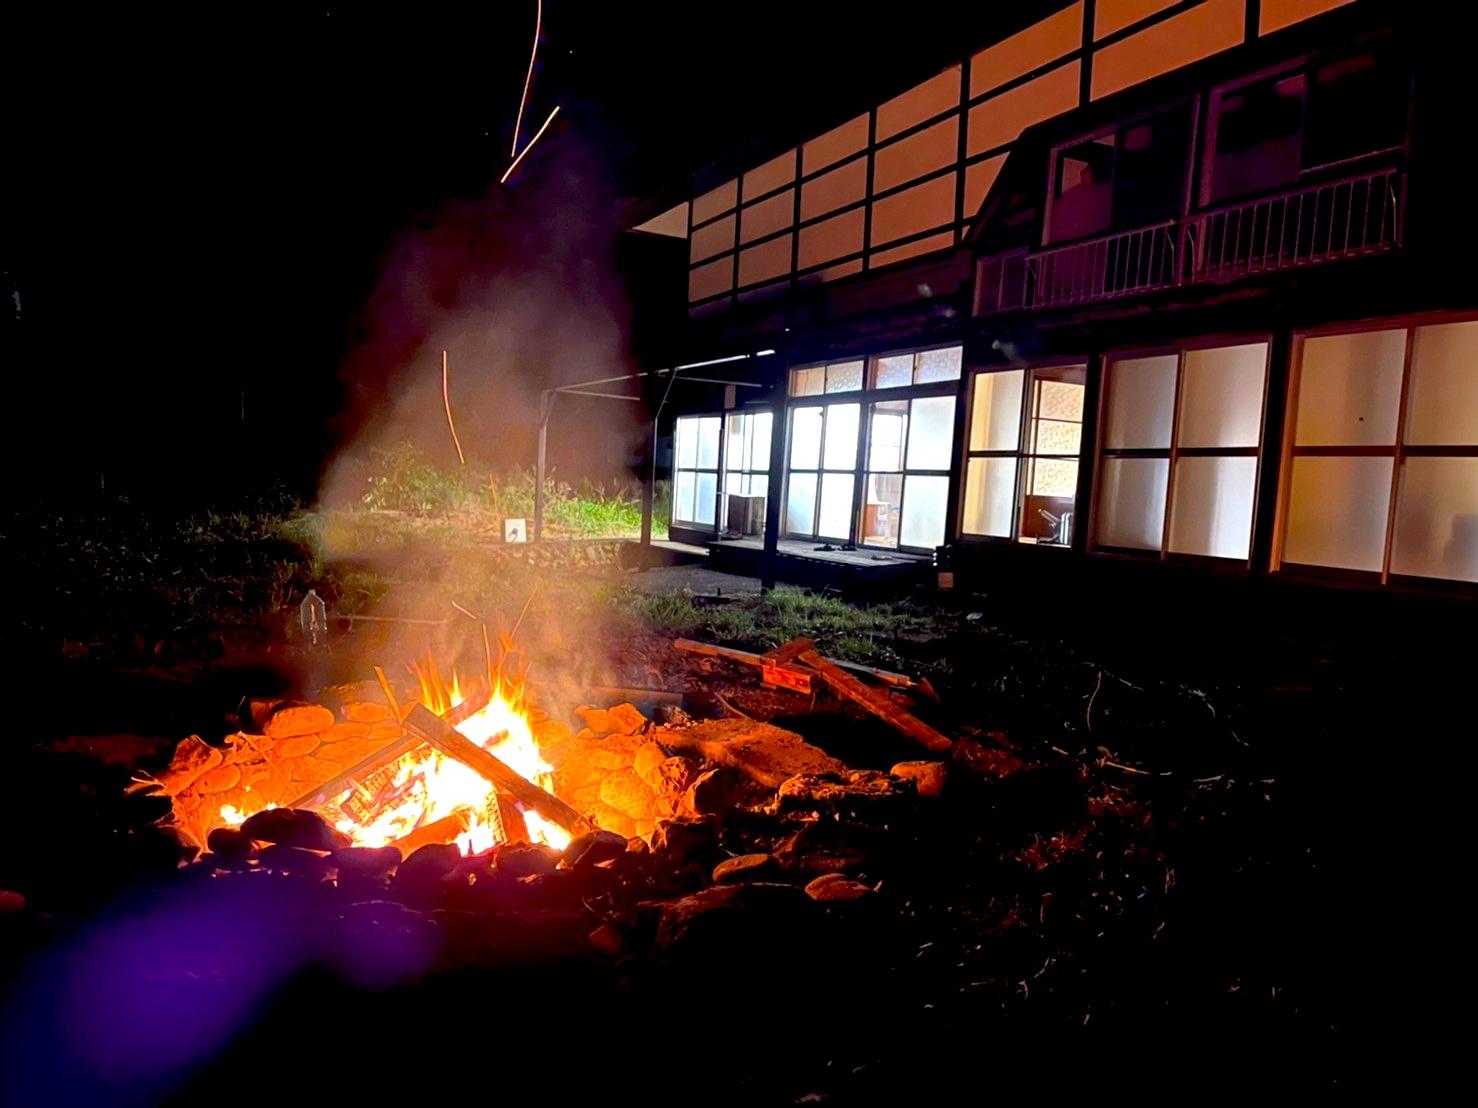 夜はさらに焚き火の雰囲気もUP! 今後はどうする?